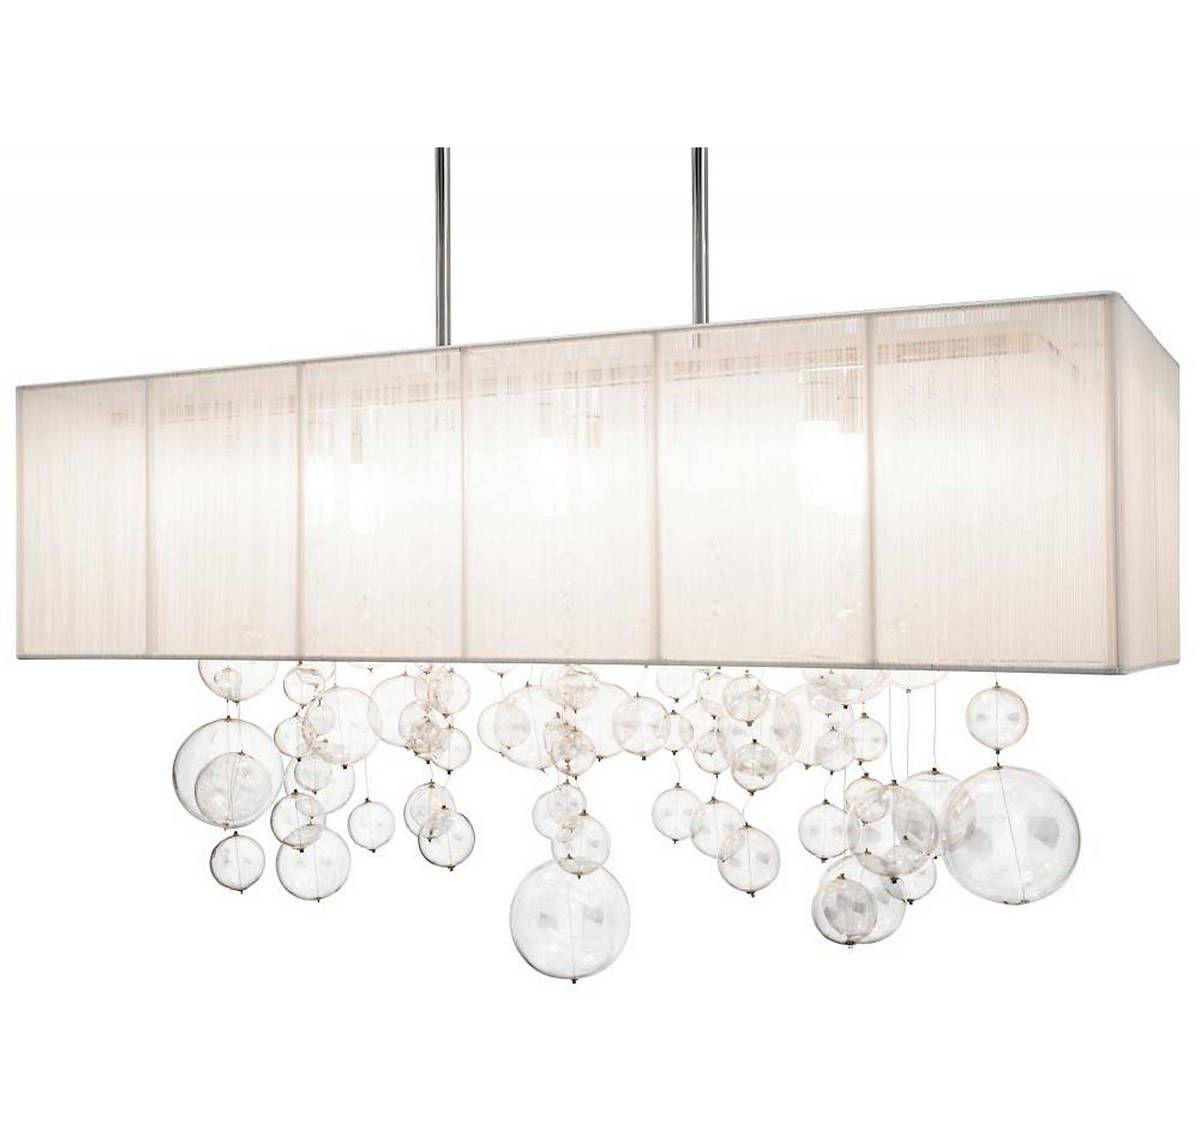 Elan imbuia 32 6 light bubble glass pendant light pendant pendant in chrome with white